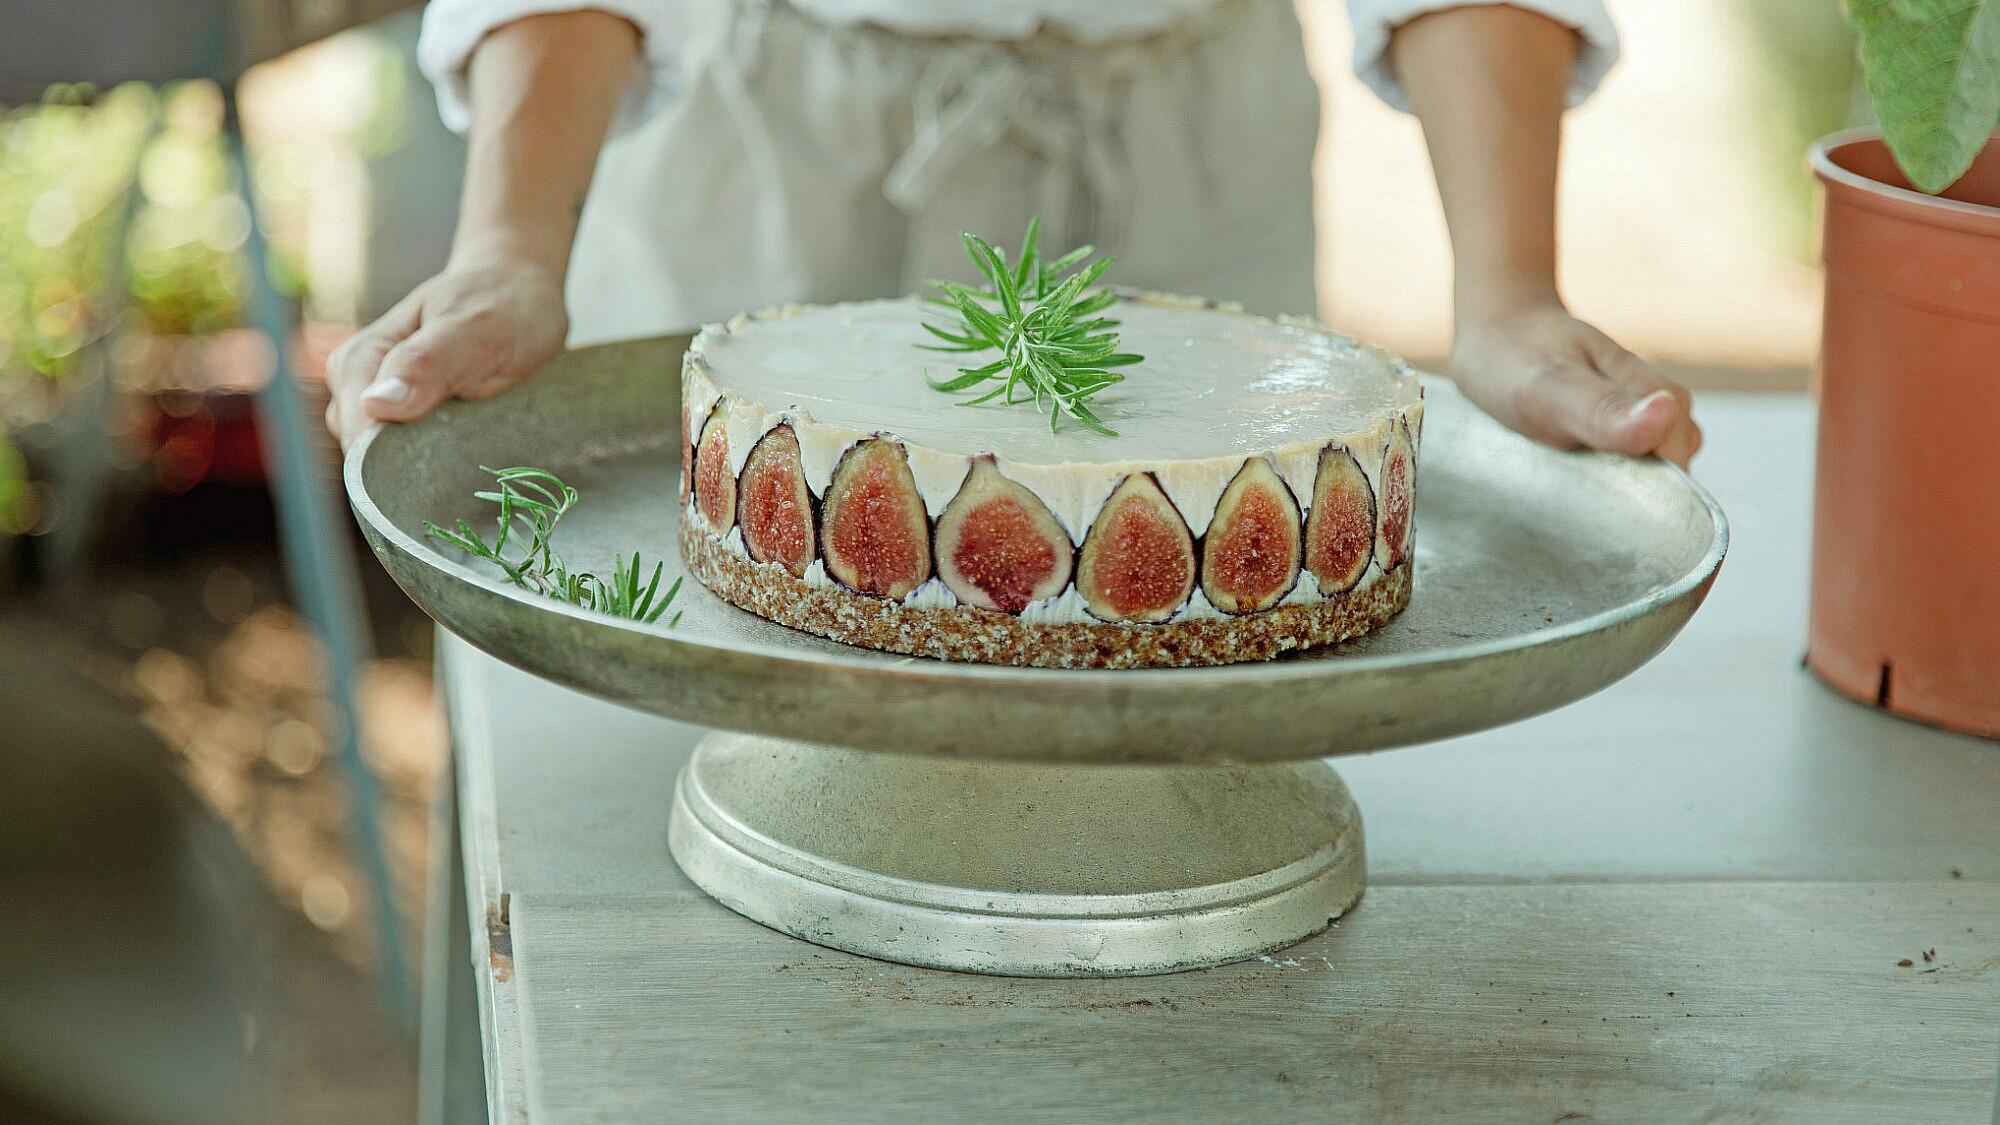 עוגת גבינה טבעונית של מורן בודניק. צילום: שני בריל